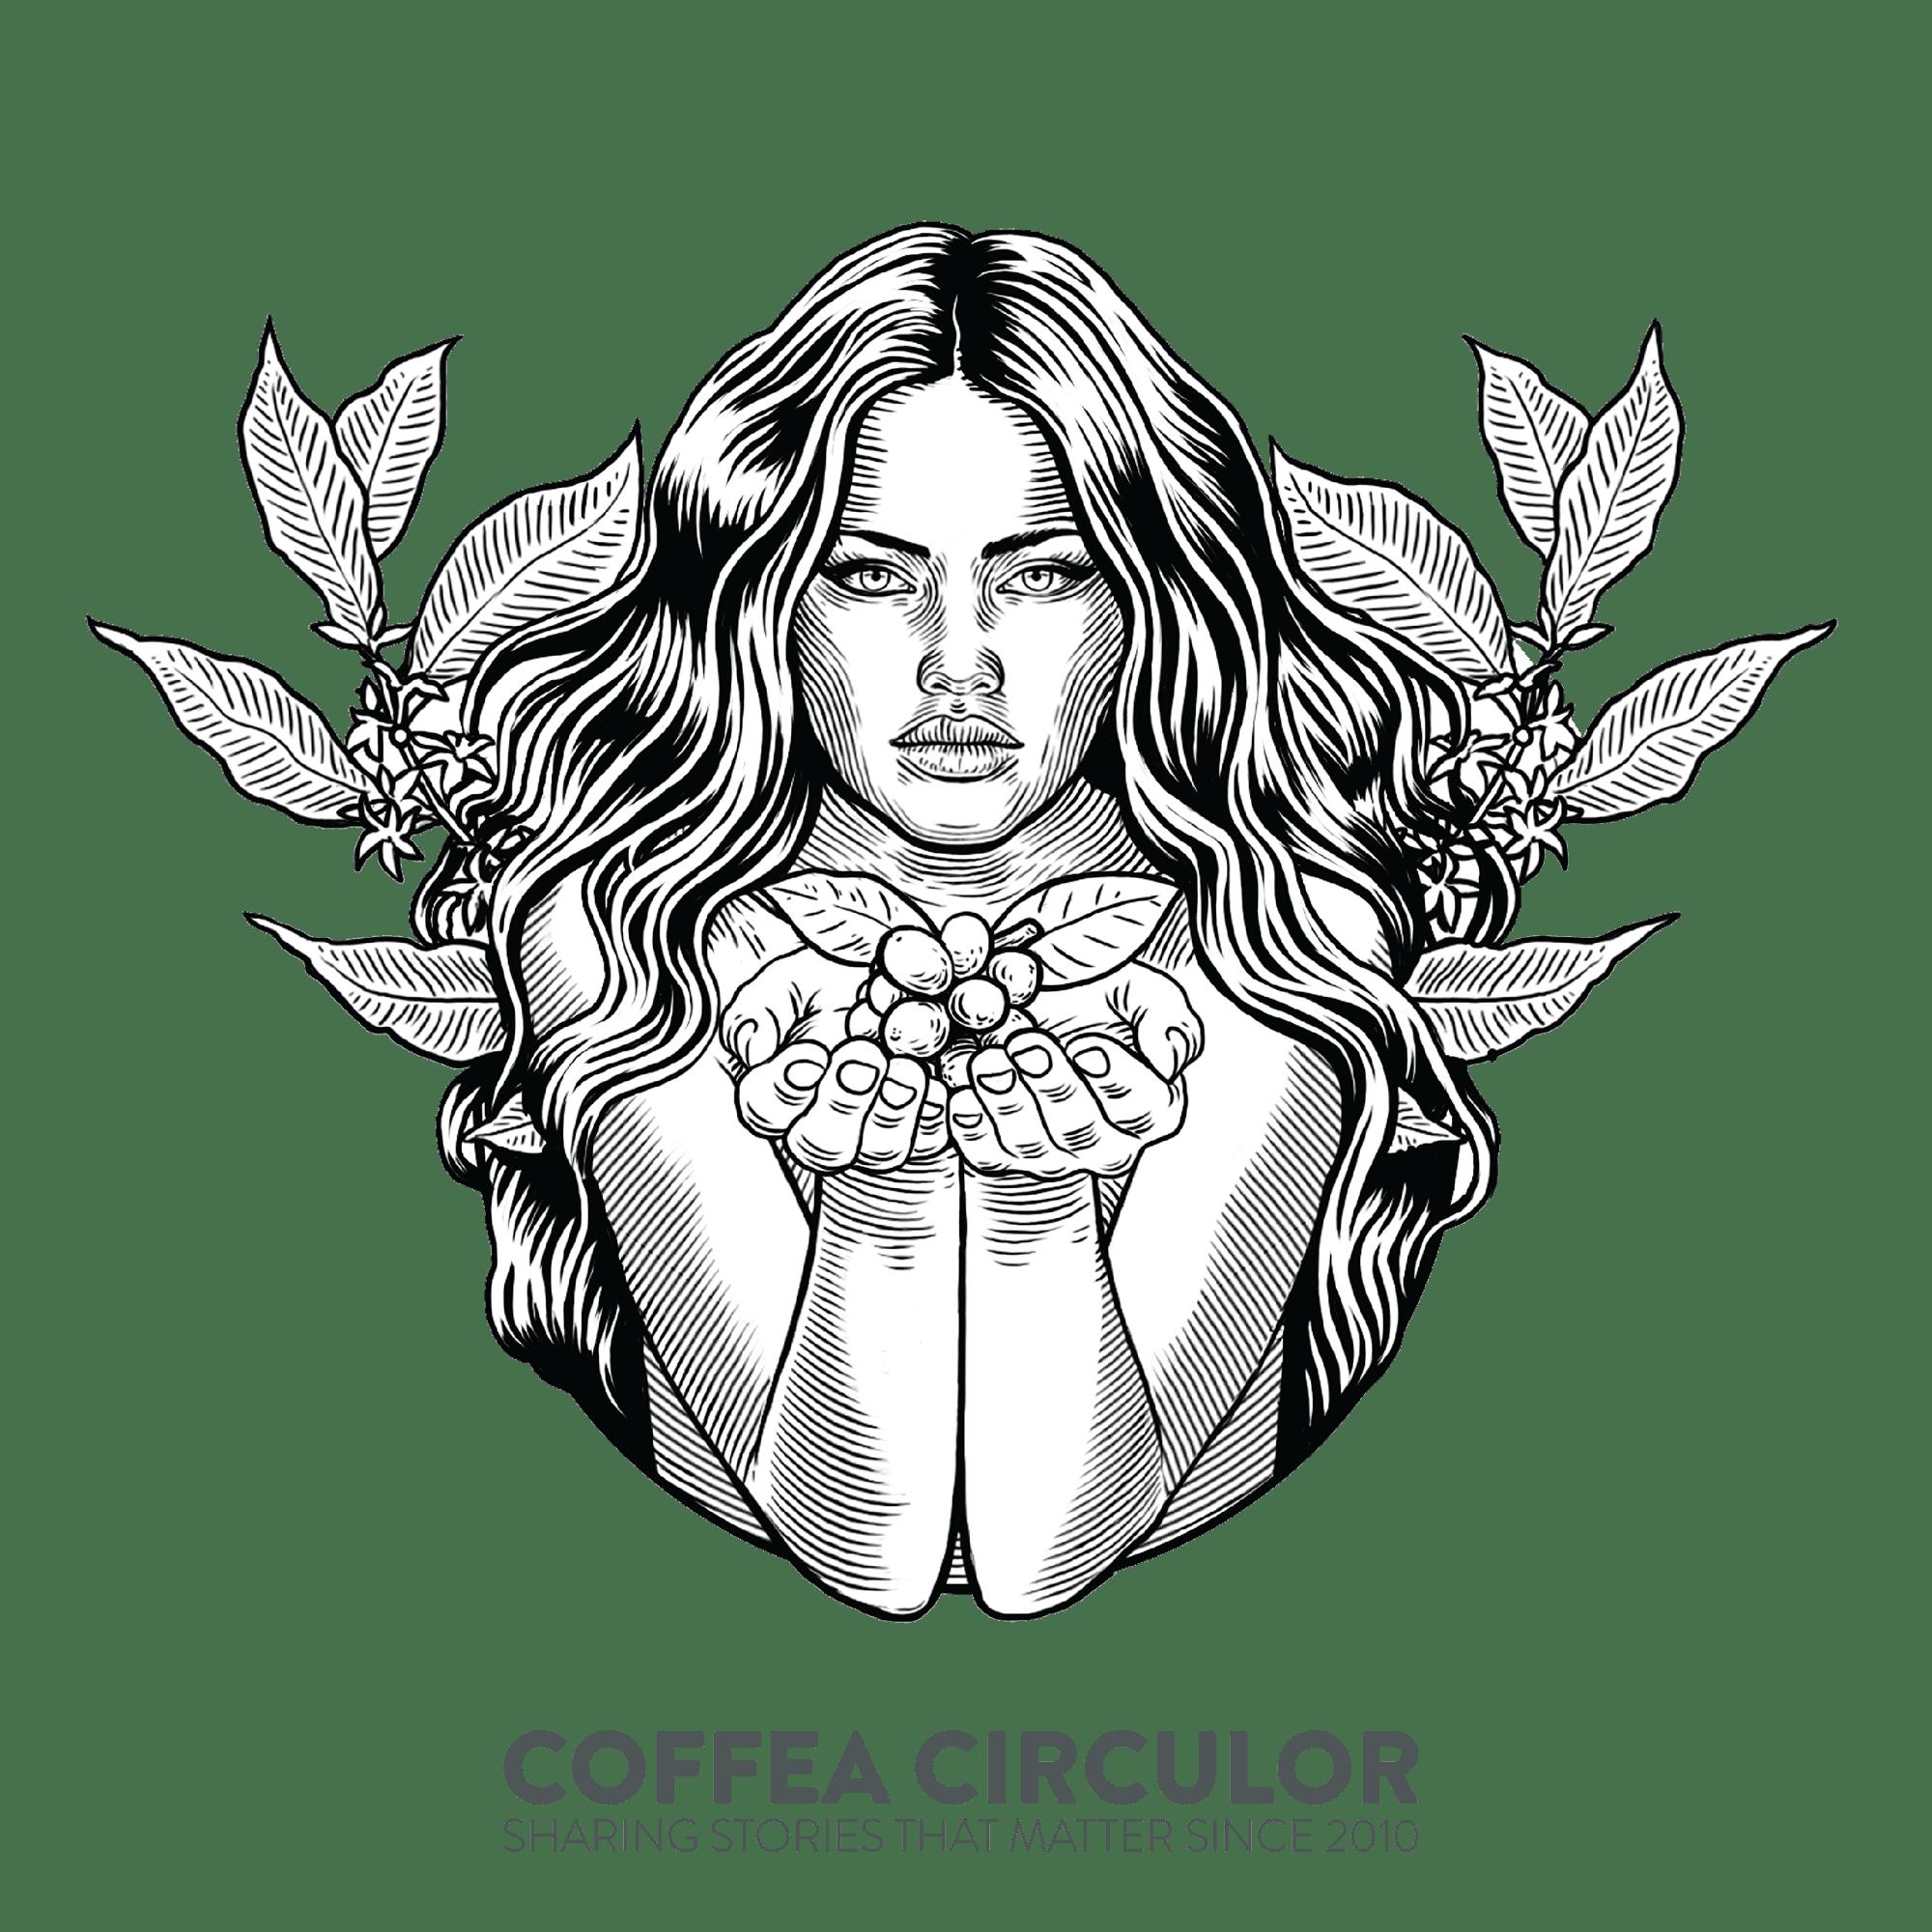 Kaffeprovning Länder och Plantager med kaffebönor från Coffea Circulor